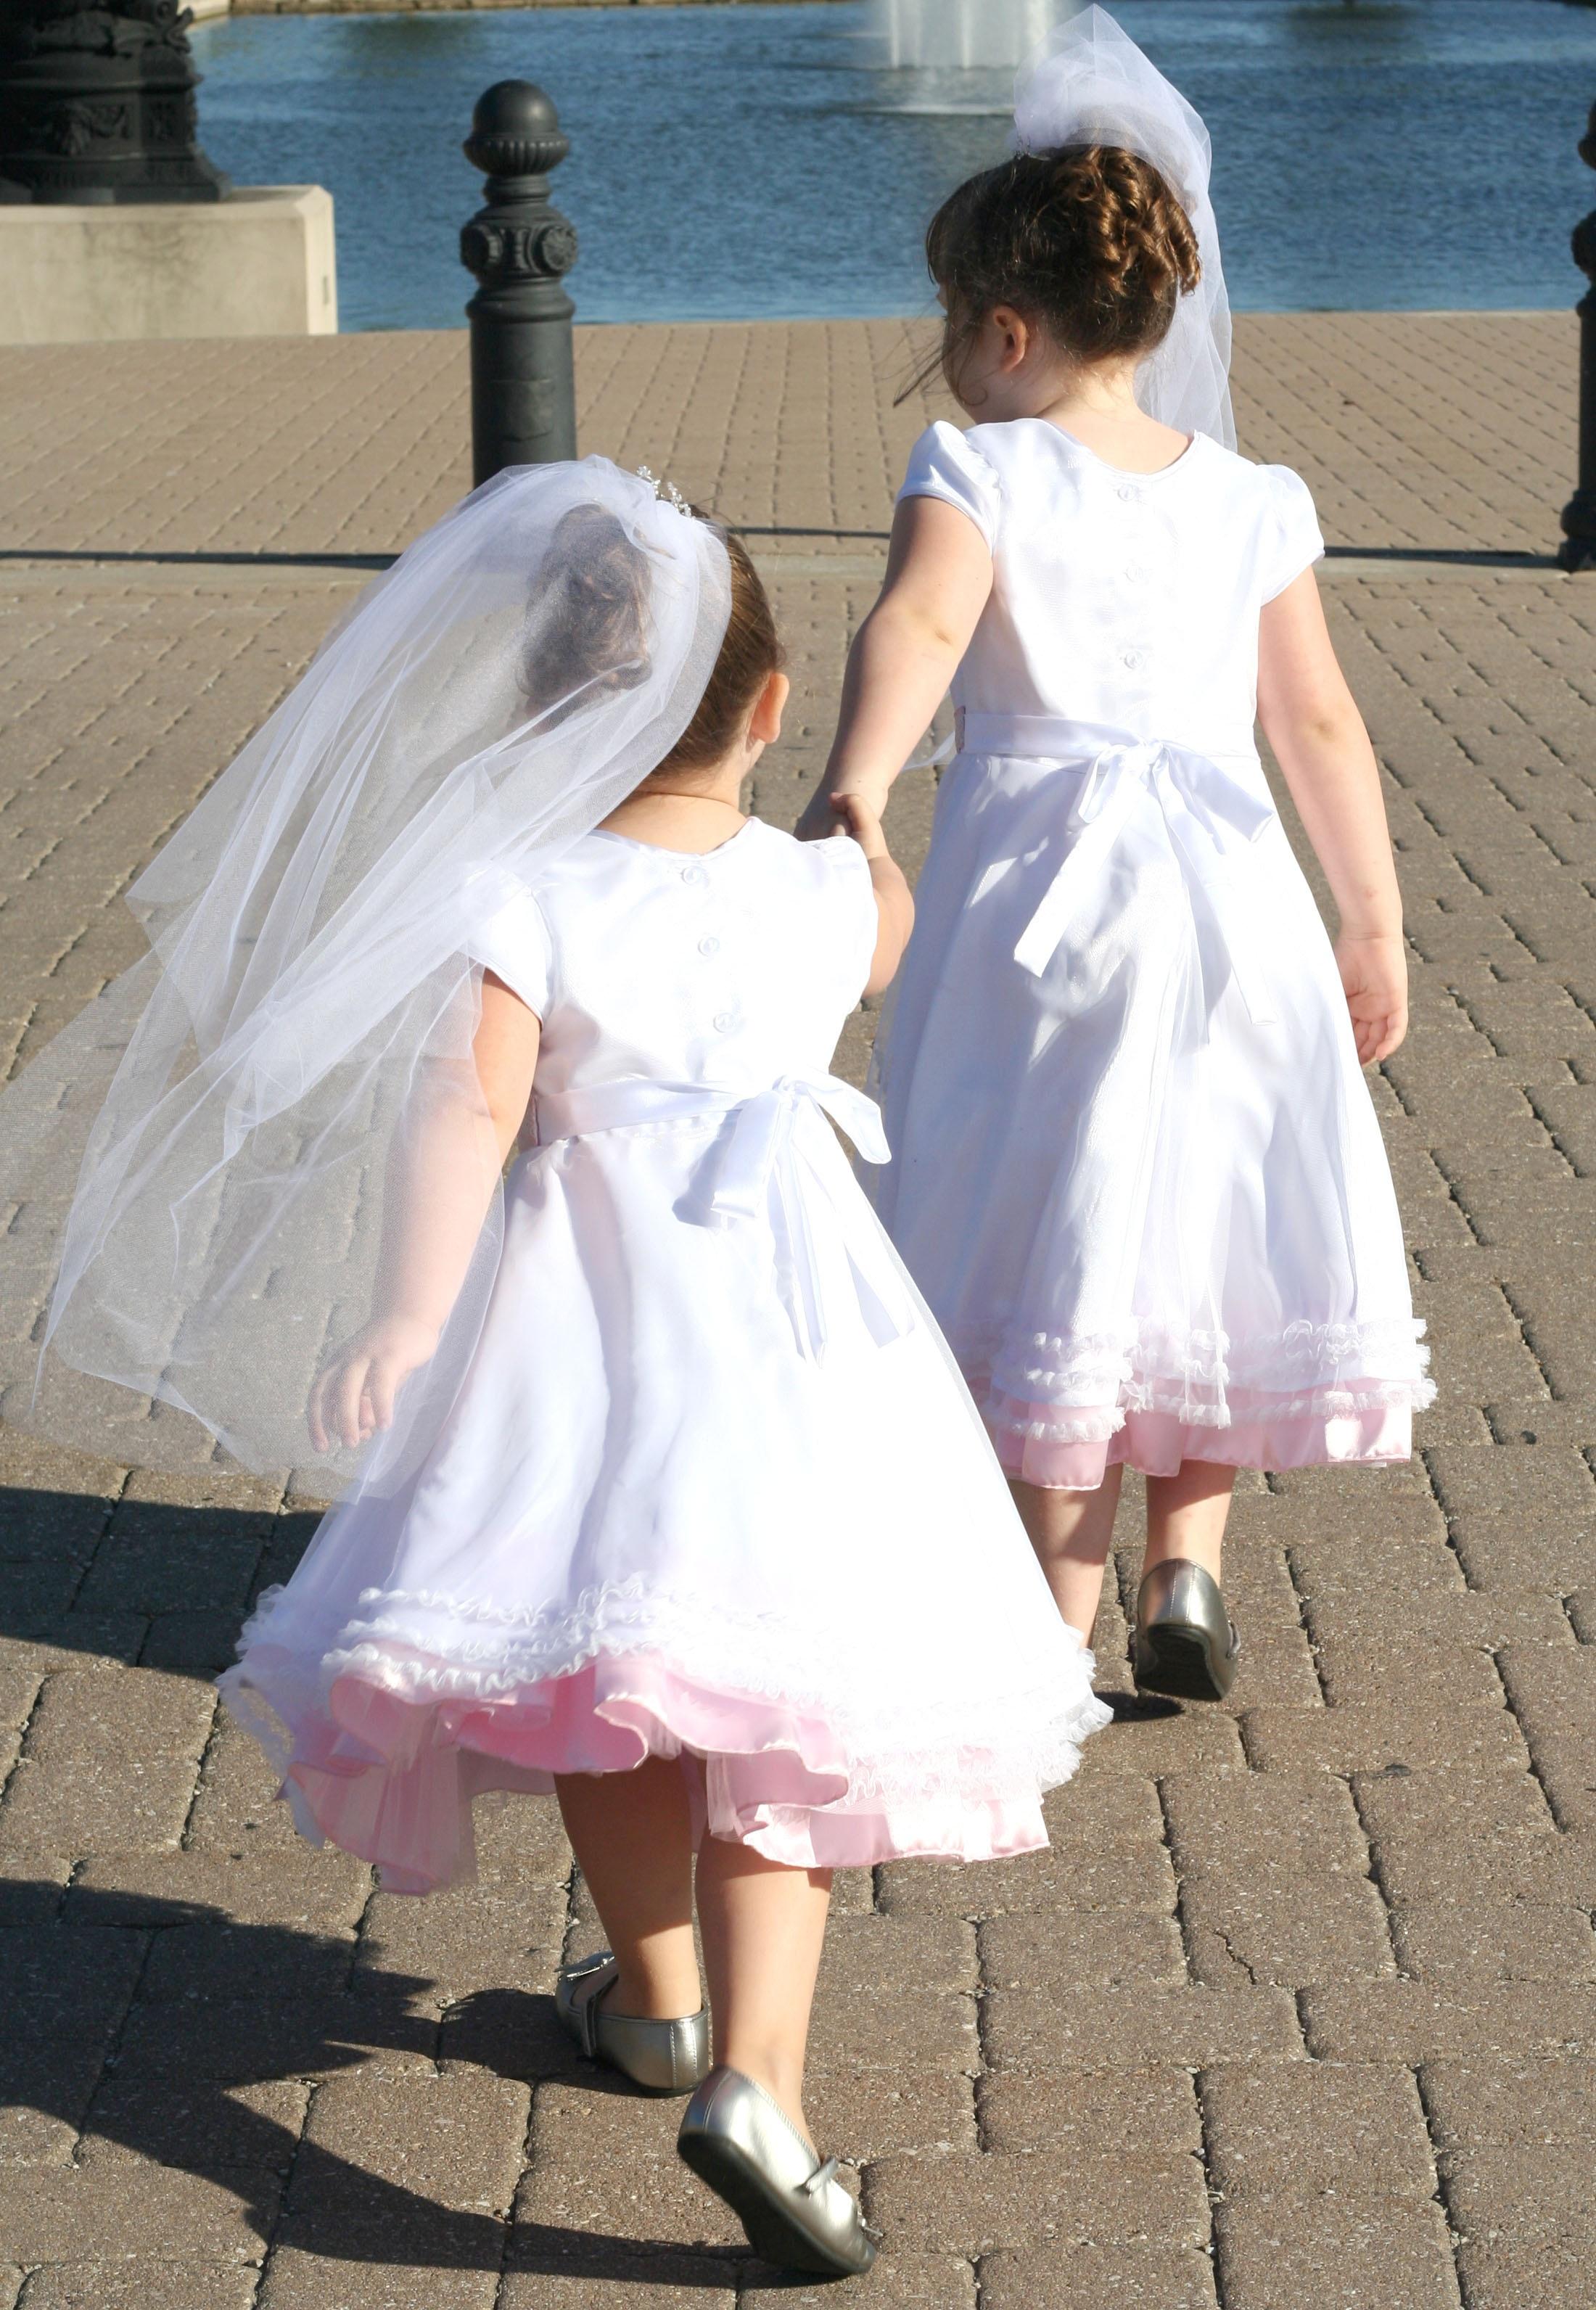 Kostenlose foto : Person, Mädchen, Frau, Weiß, Kind, Kleidung ...